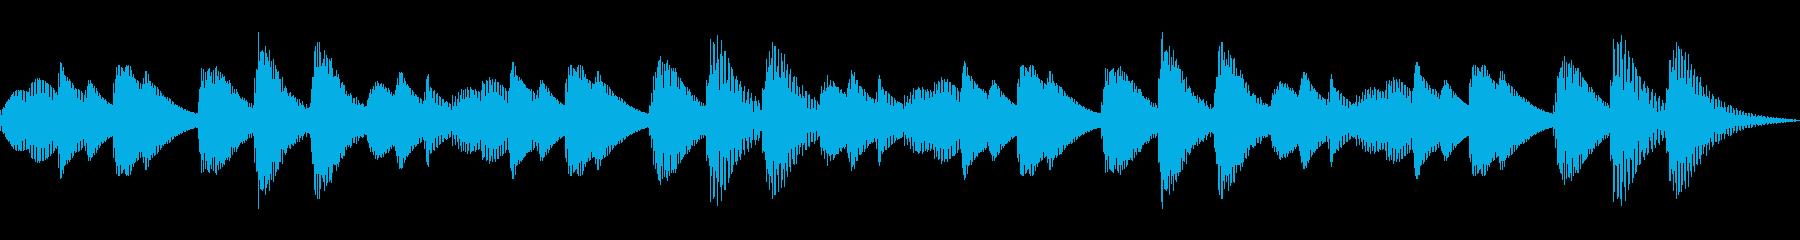 iPhoneみたいな着信音(マリンバ)の再生済みの波形